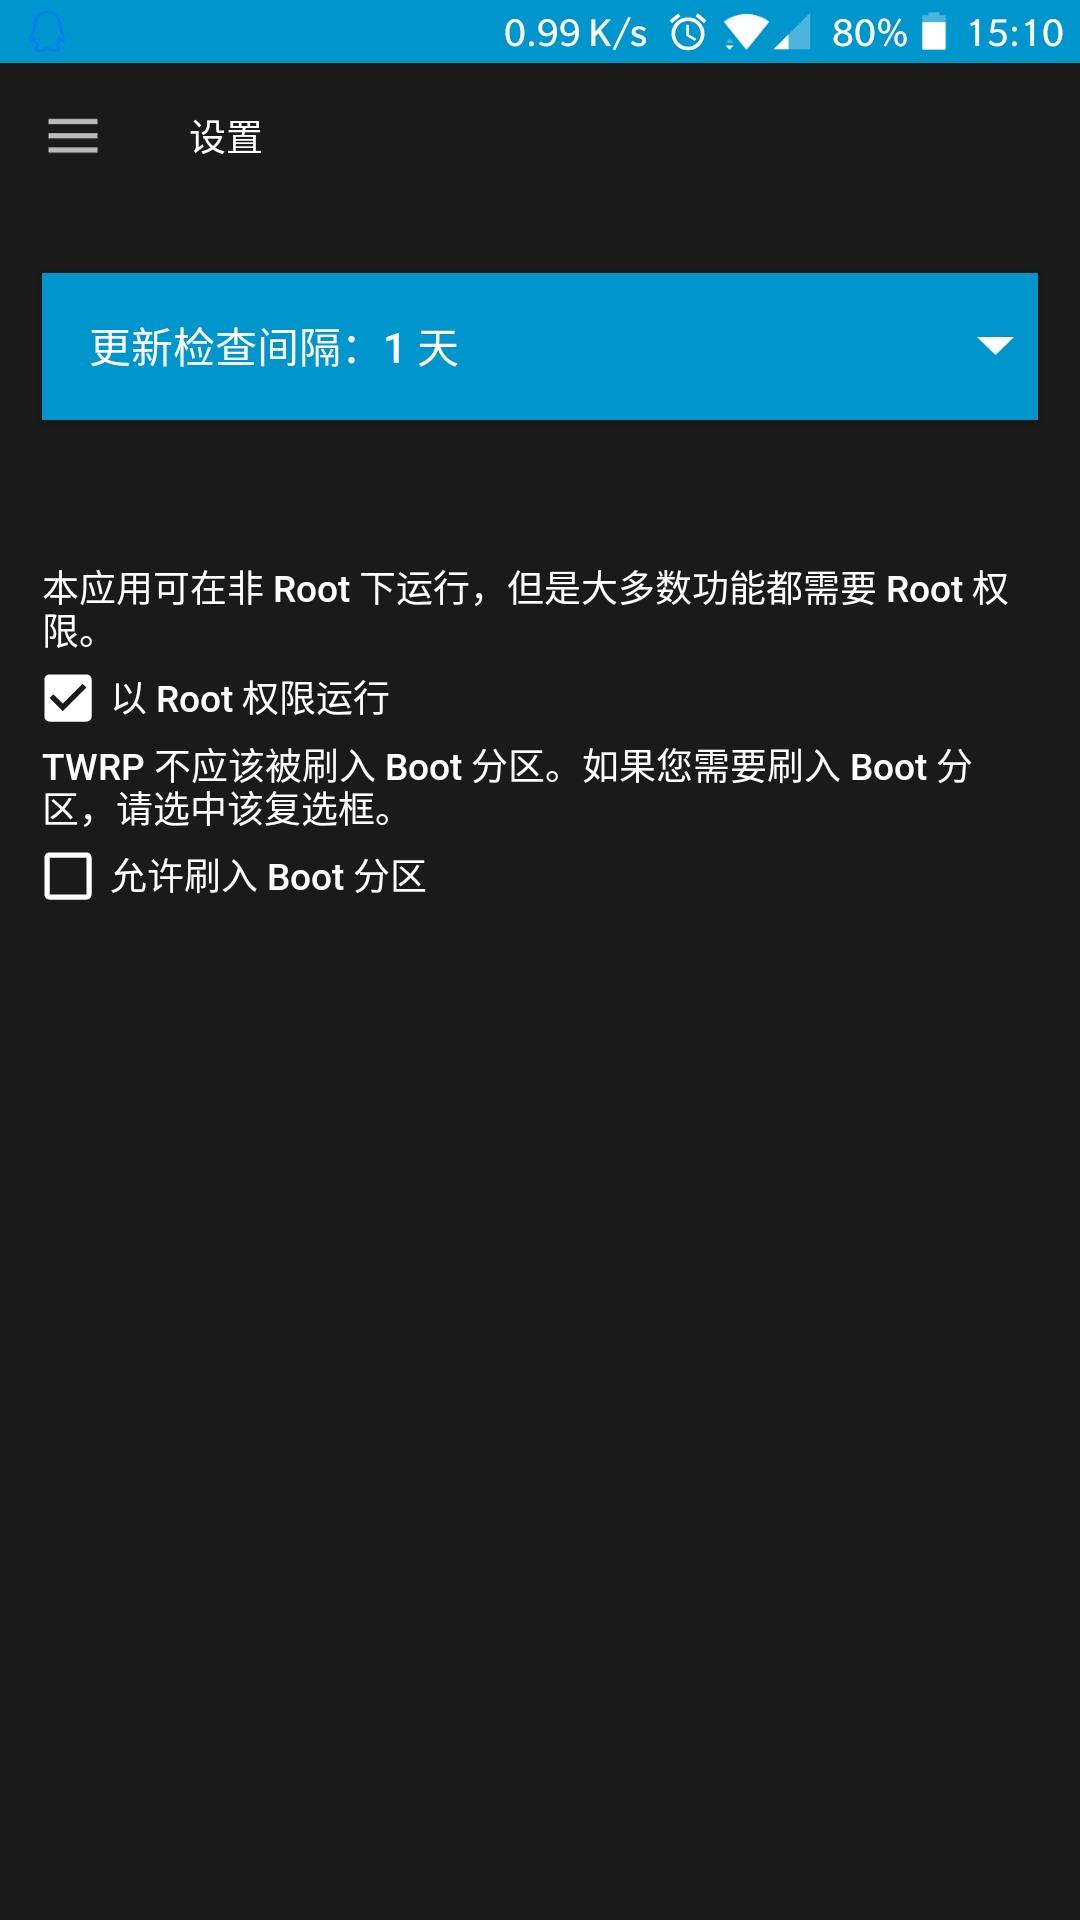 Screenshot_20170704-151040.jpg